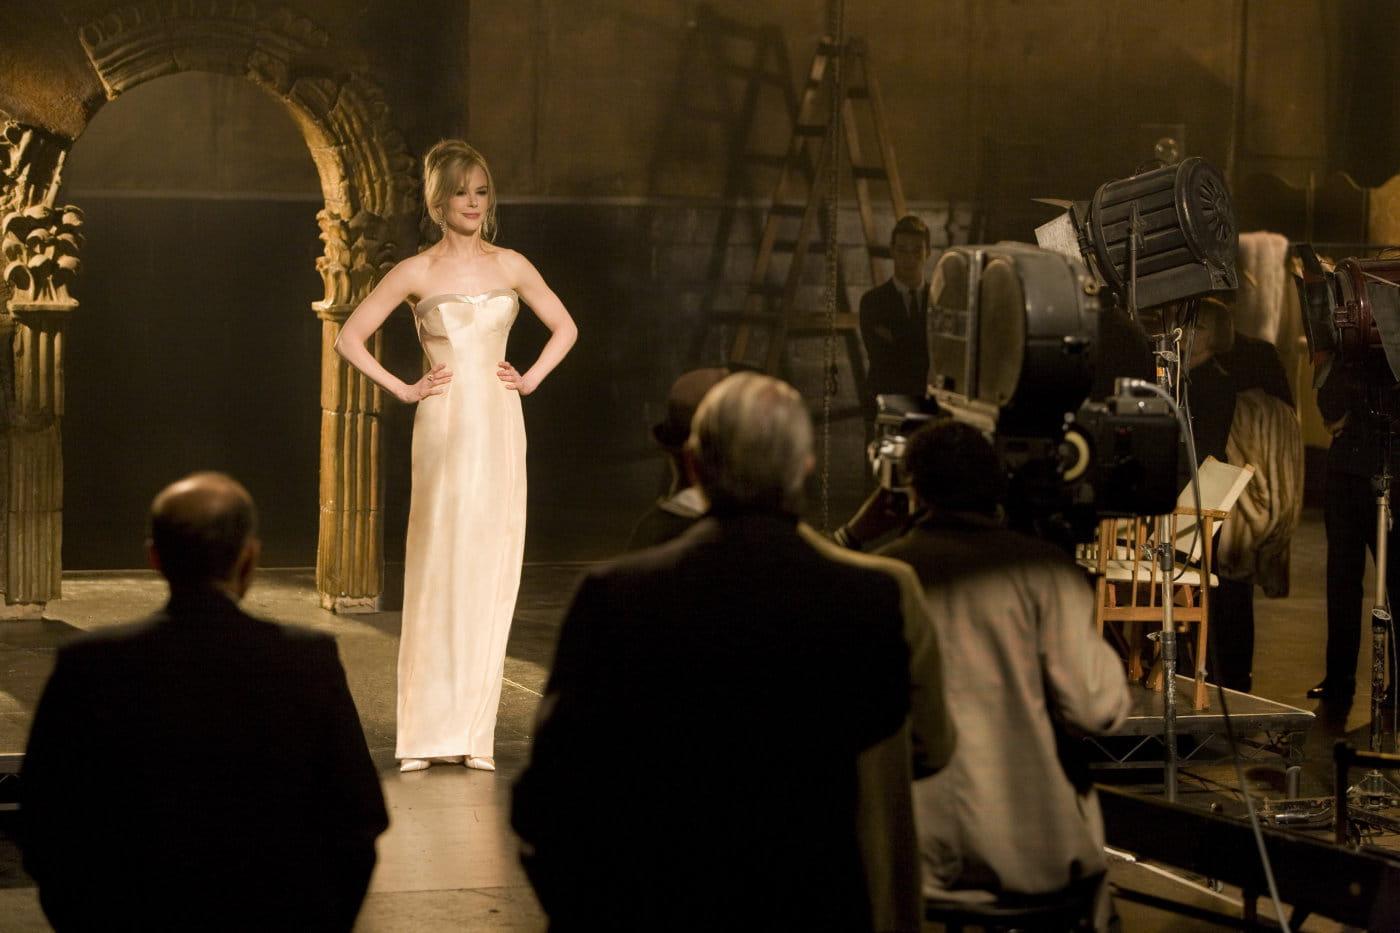 http://www.linternaute.com/cinema/star-cinema/filmographie-nicole-kidman/image/nine-screencaps-nicole-kidman-9467717-1400-933-cinema-stars-2170879.jpg